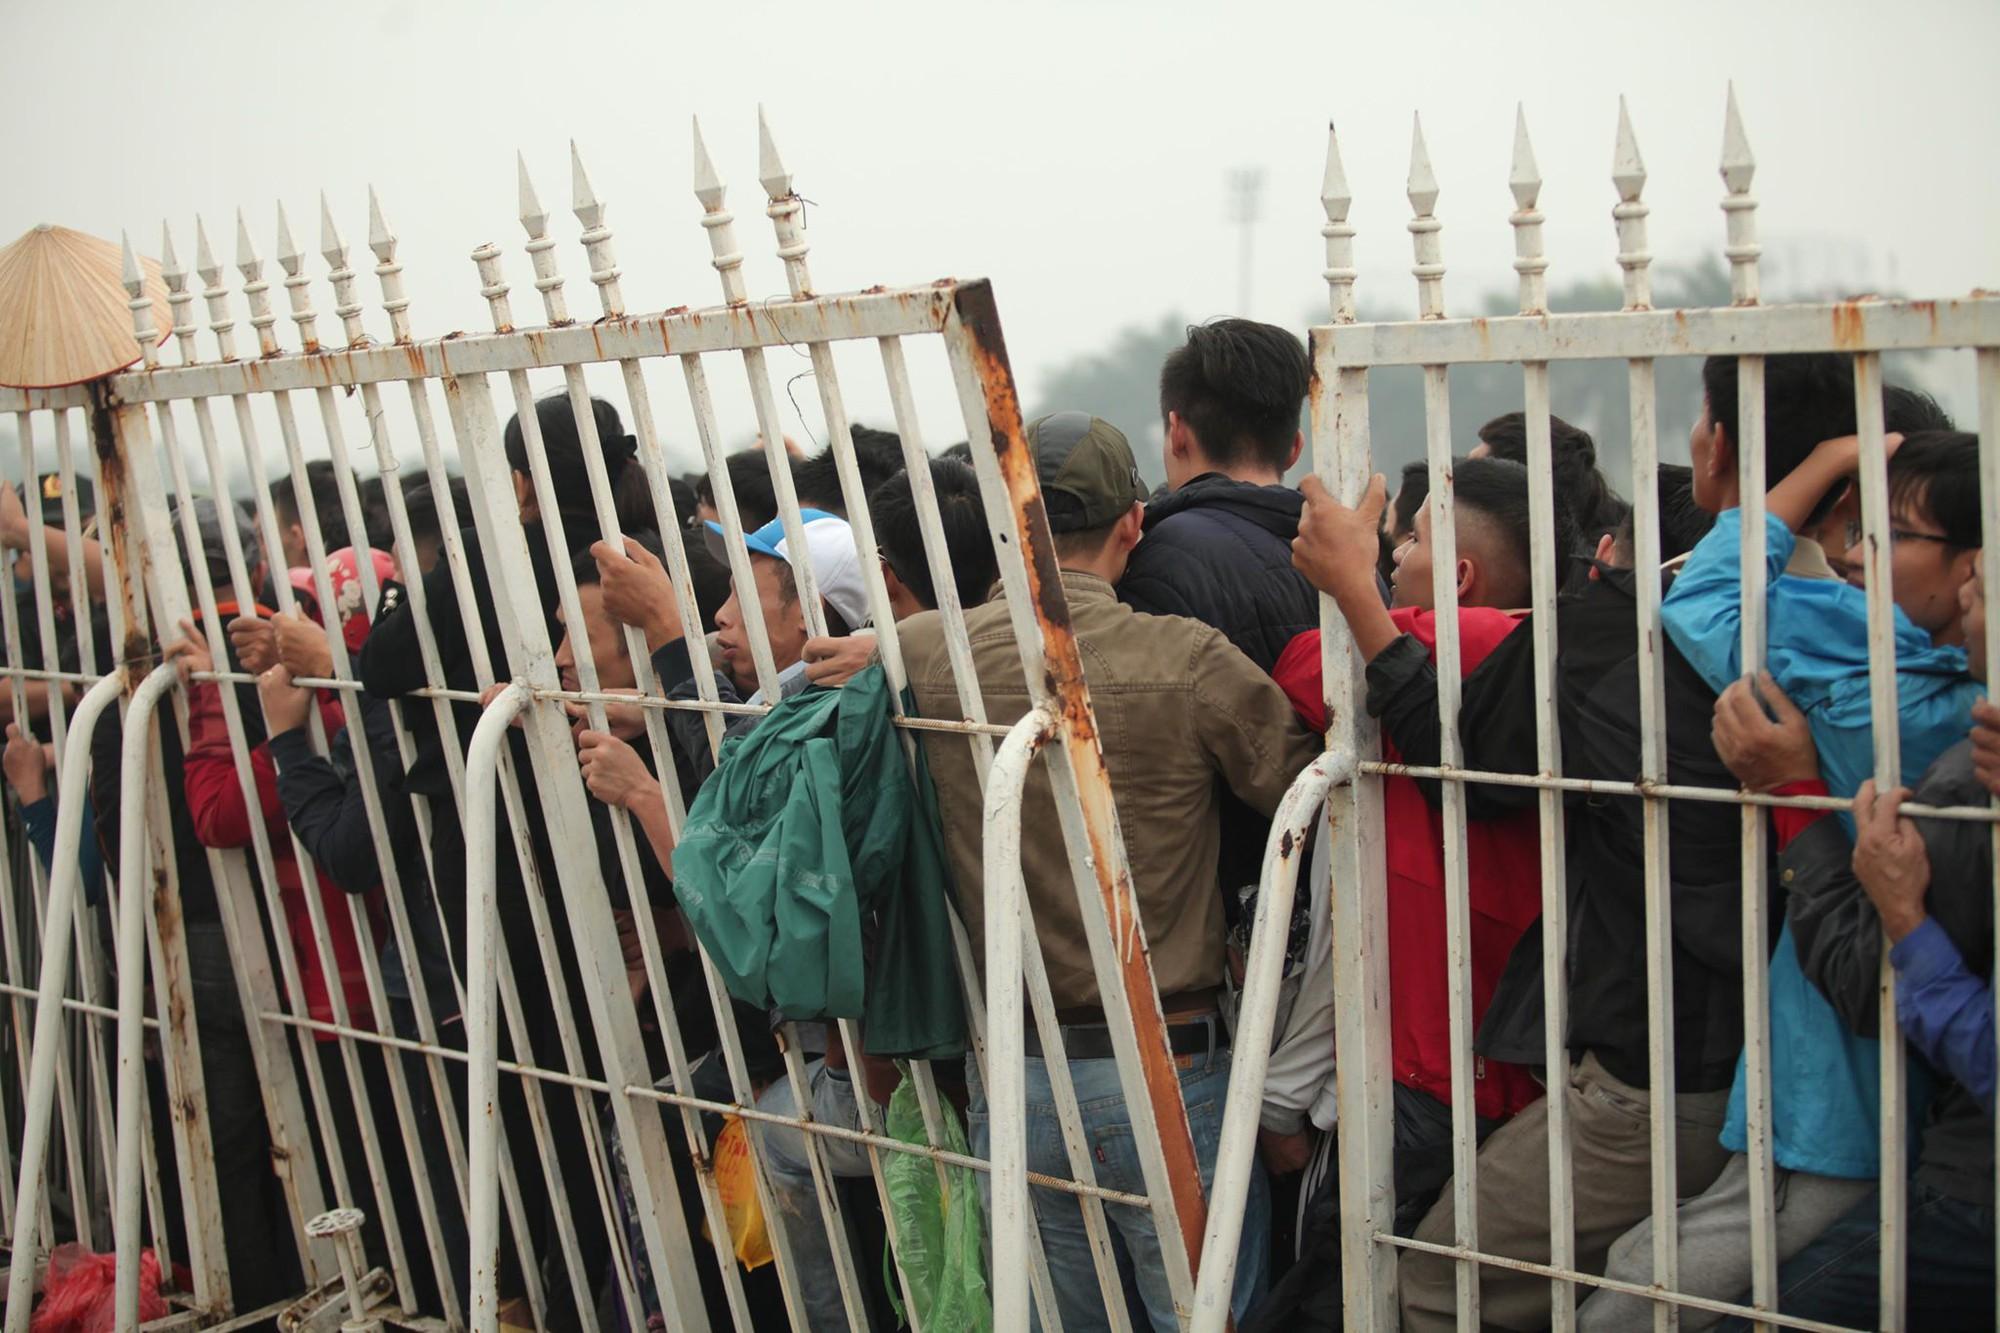 Sáng chủ nhật kinh hoàng: fan mua vé AFF Cup 2018 đẩy đổ hàng rào sân Mỹ Đình-4